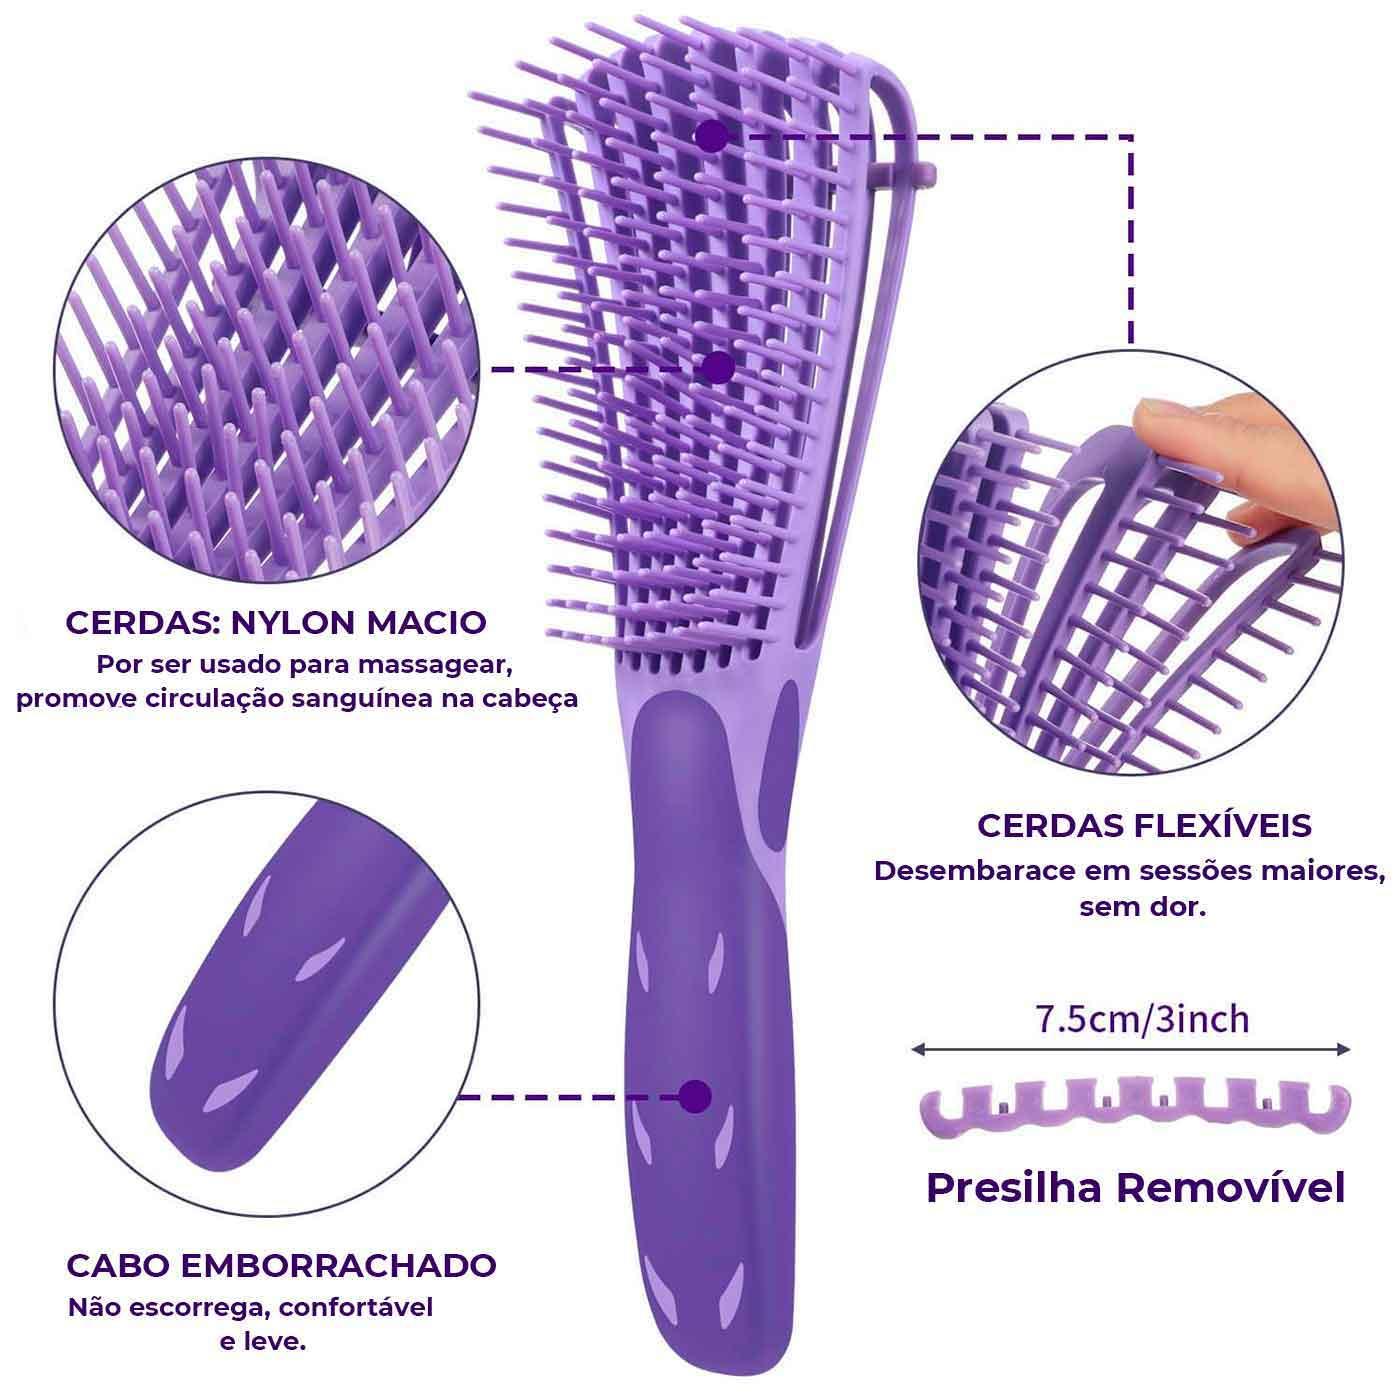 Escova Encaracolados Roxa, Anatomia da Escova, Cerdas Flexíveis, Benefícios de usar a escova Encaracolados, Presilha removível da Escova Encaracolados